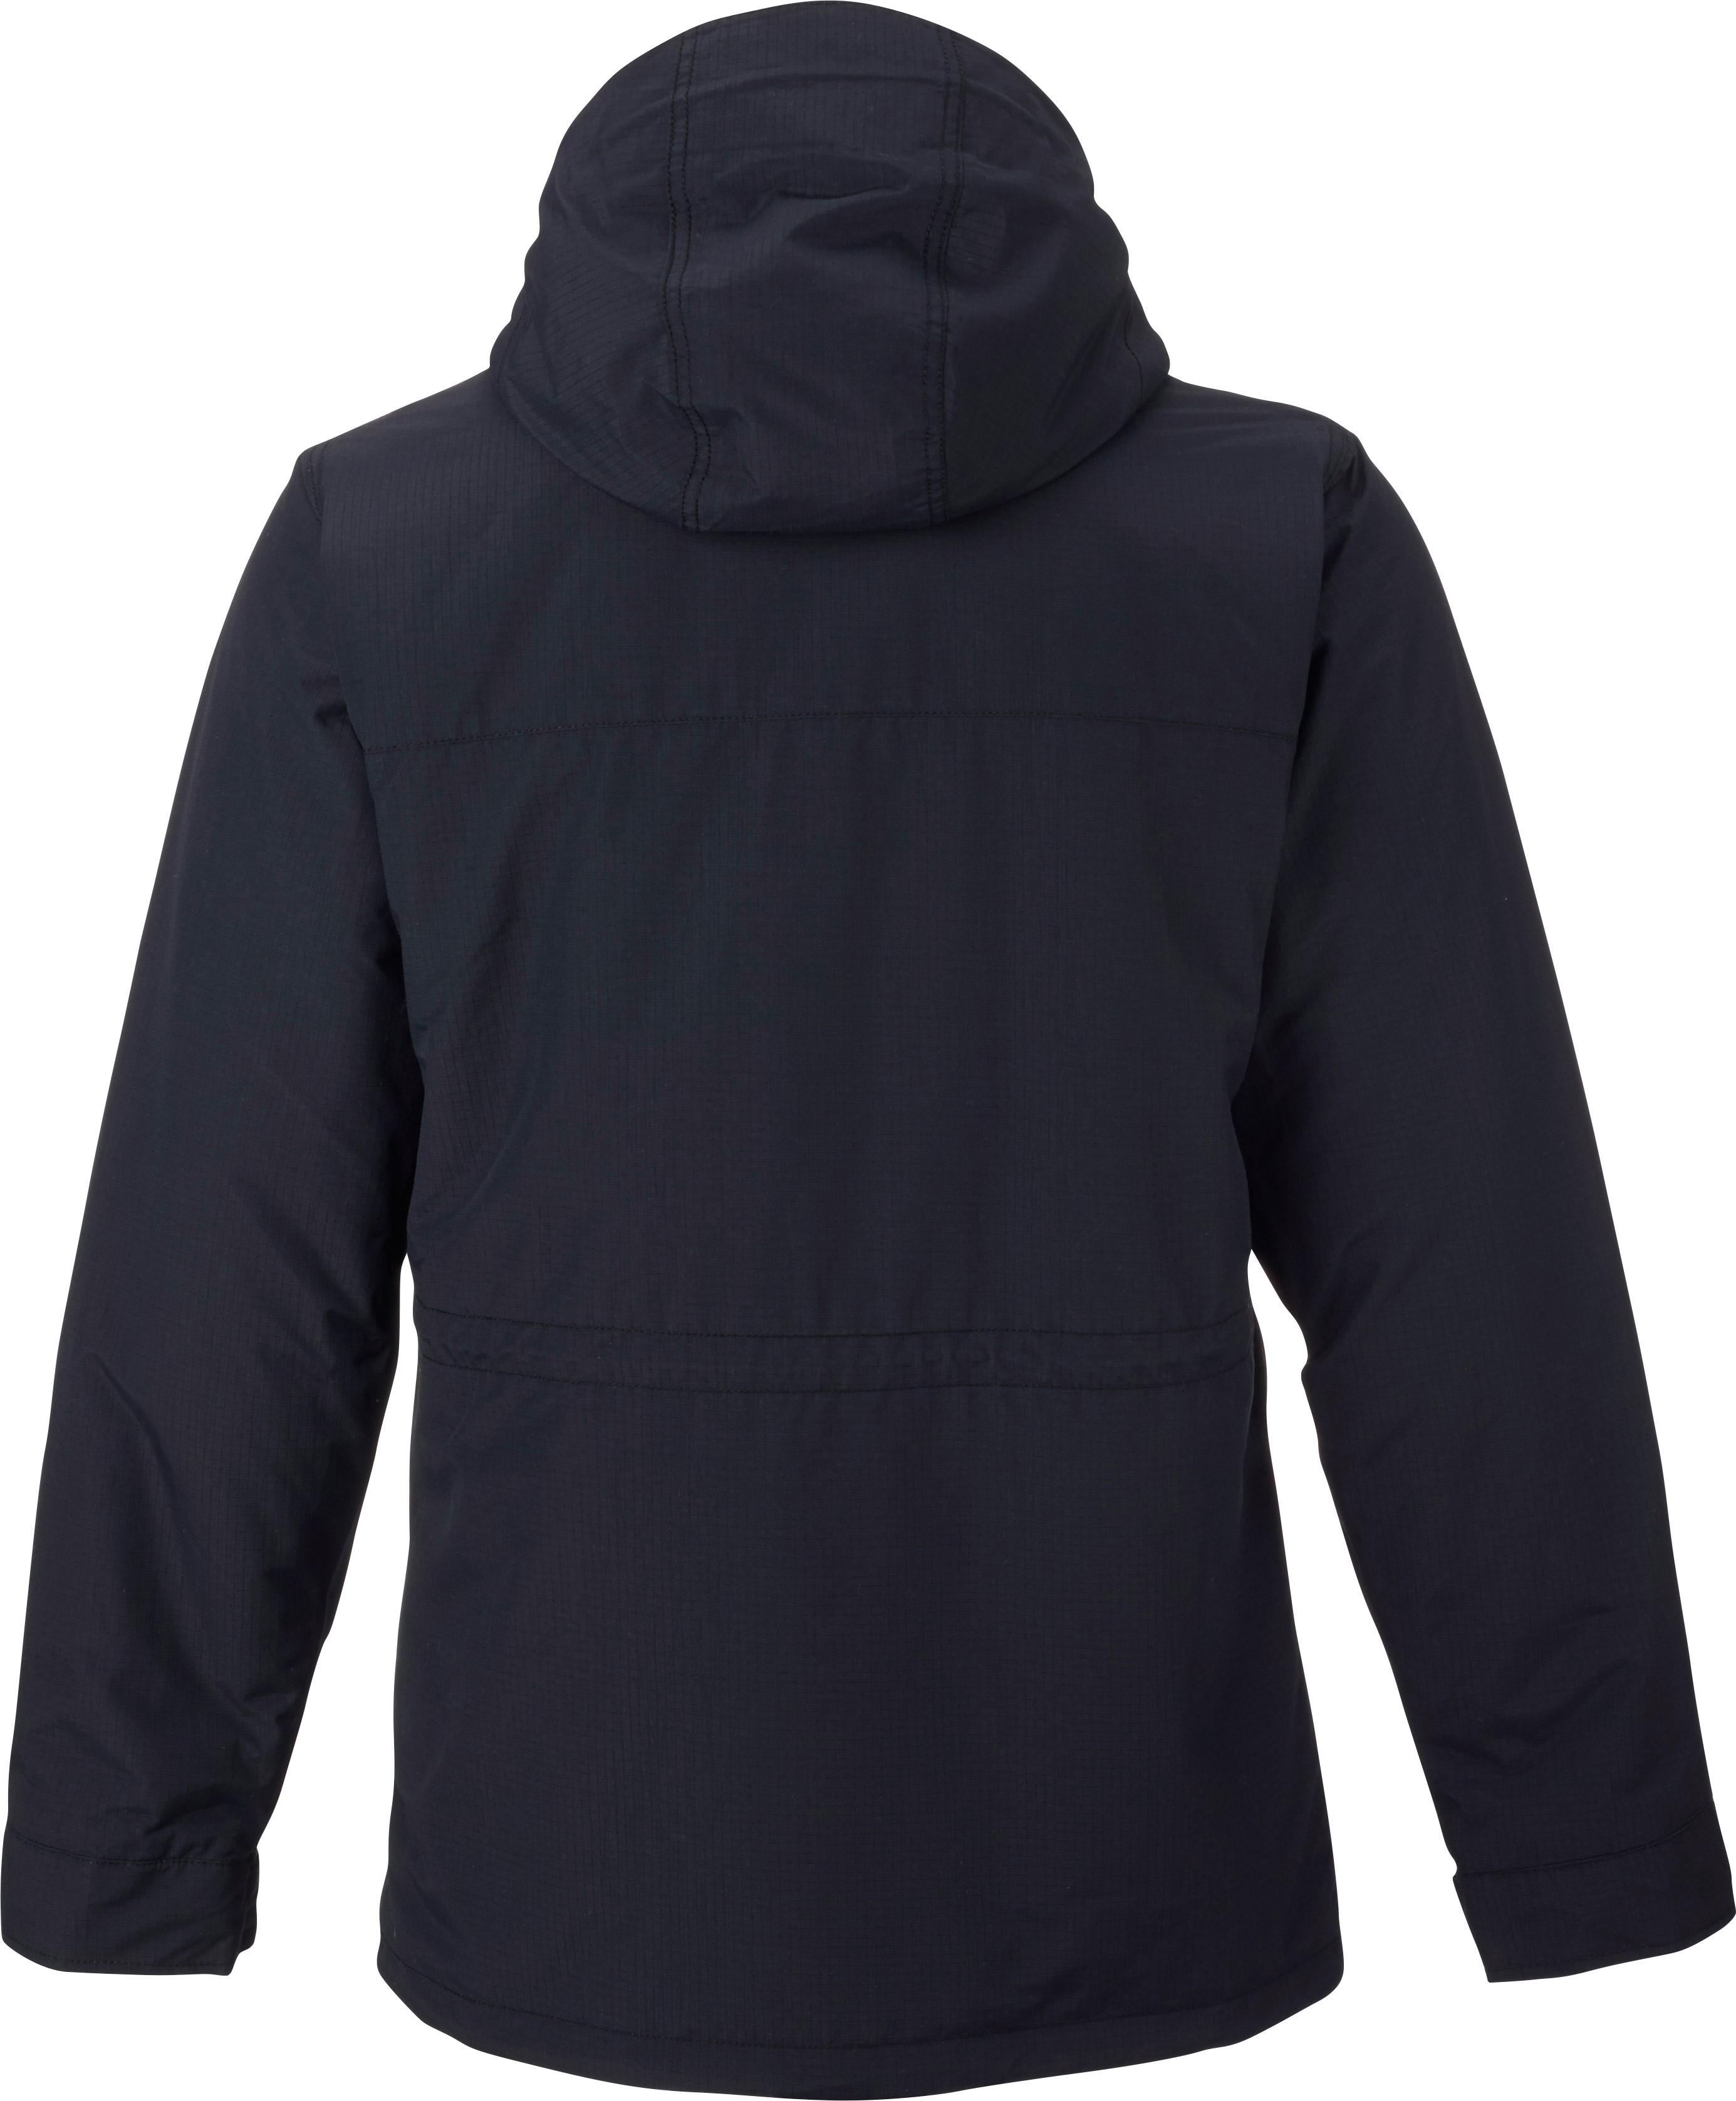 burton encore snowboard jacket 2017 mount everest. Black Bedroom Furniture Sets. Home Design Ideas